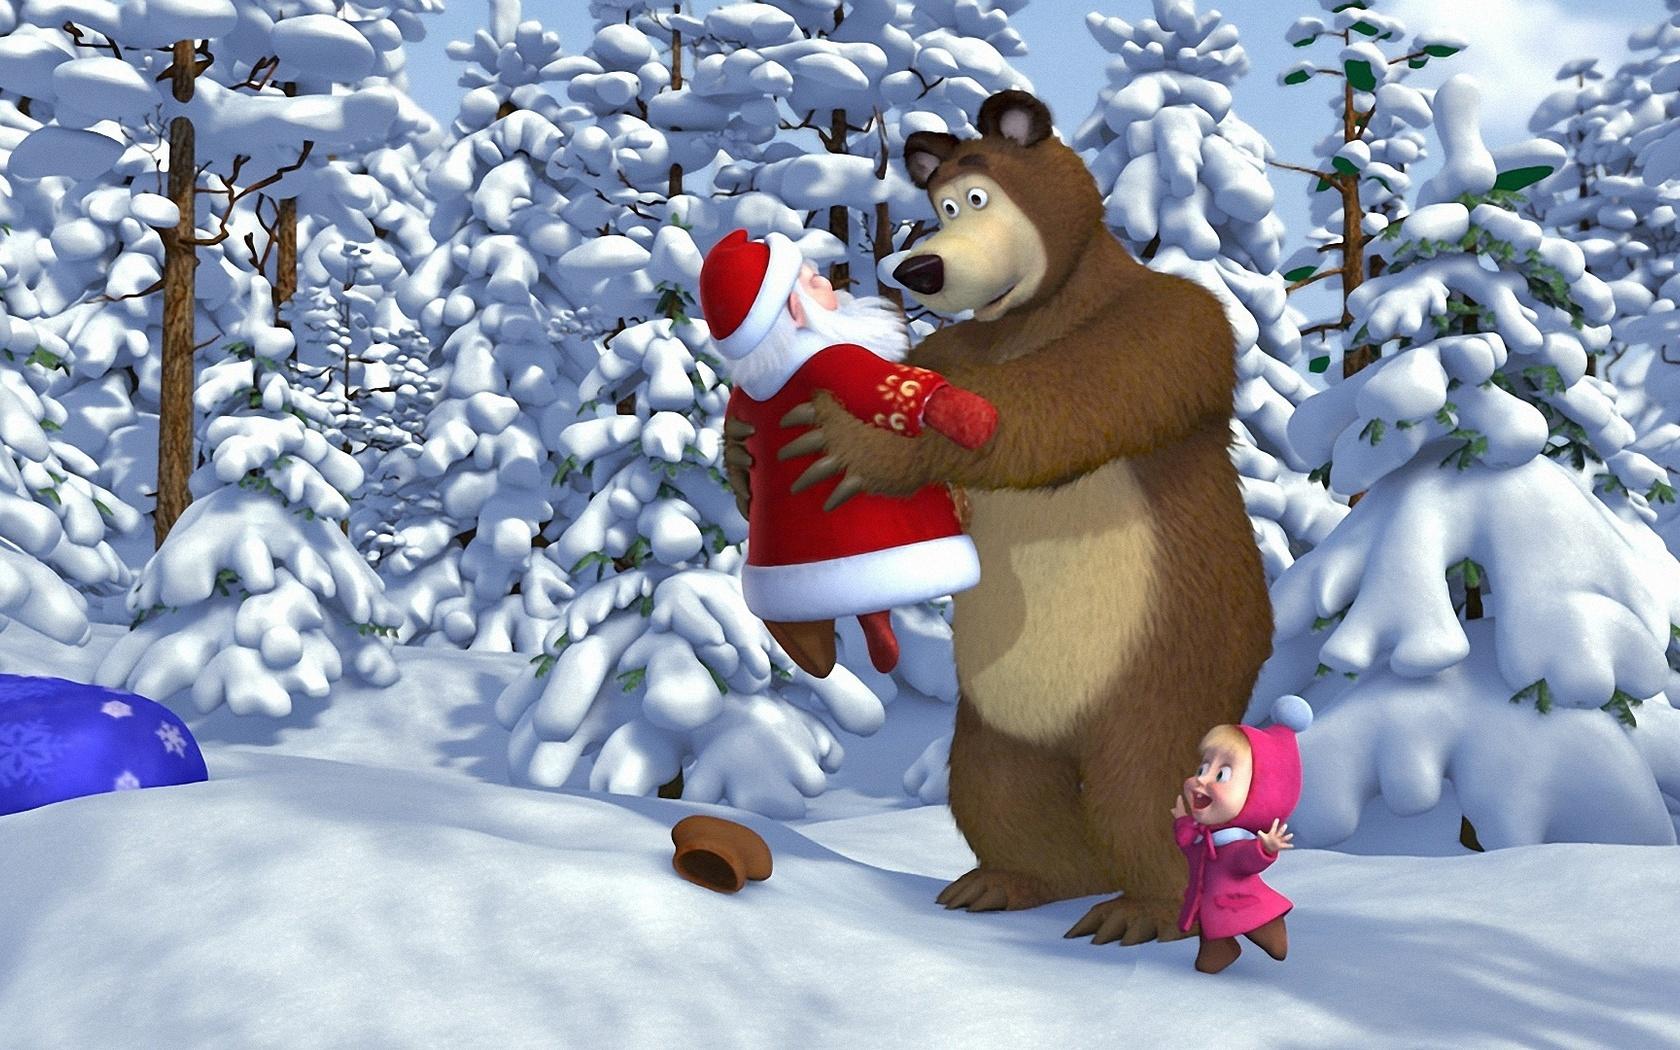 Маша и медведь новые прикольные картинки, коллегам